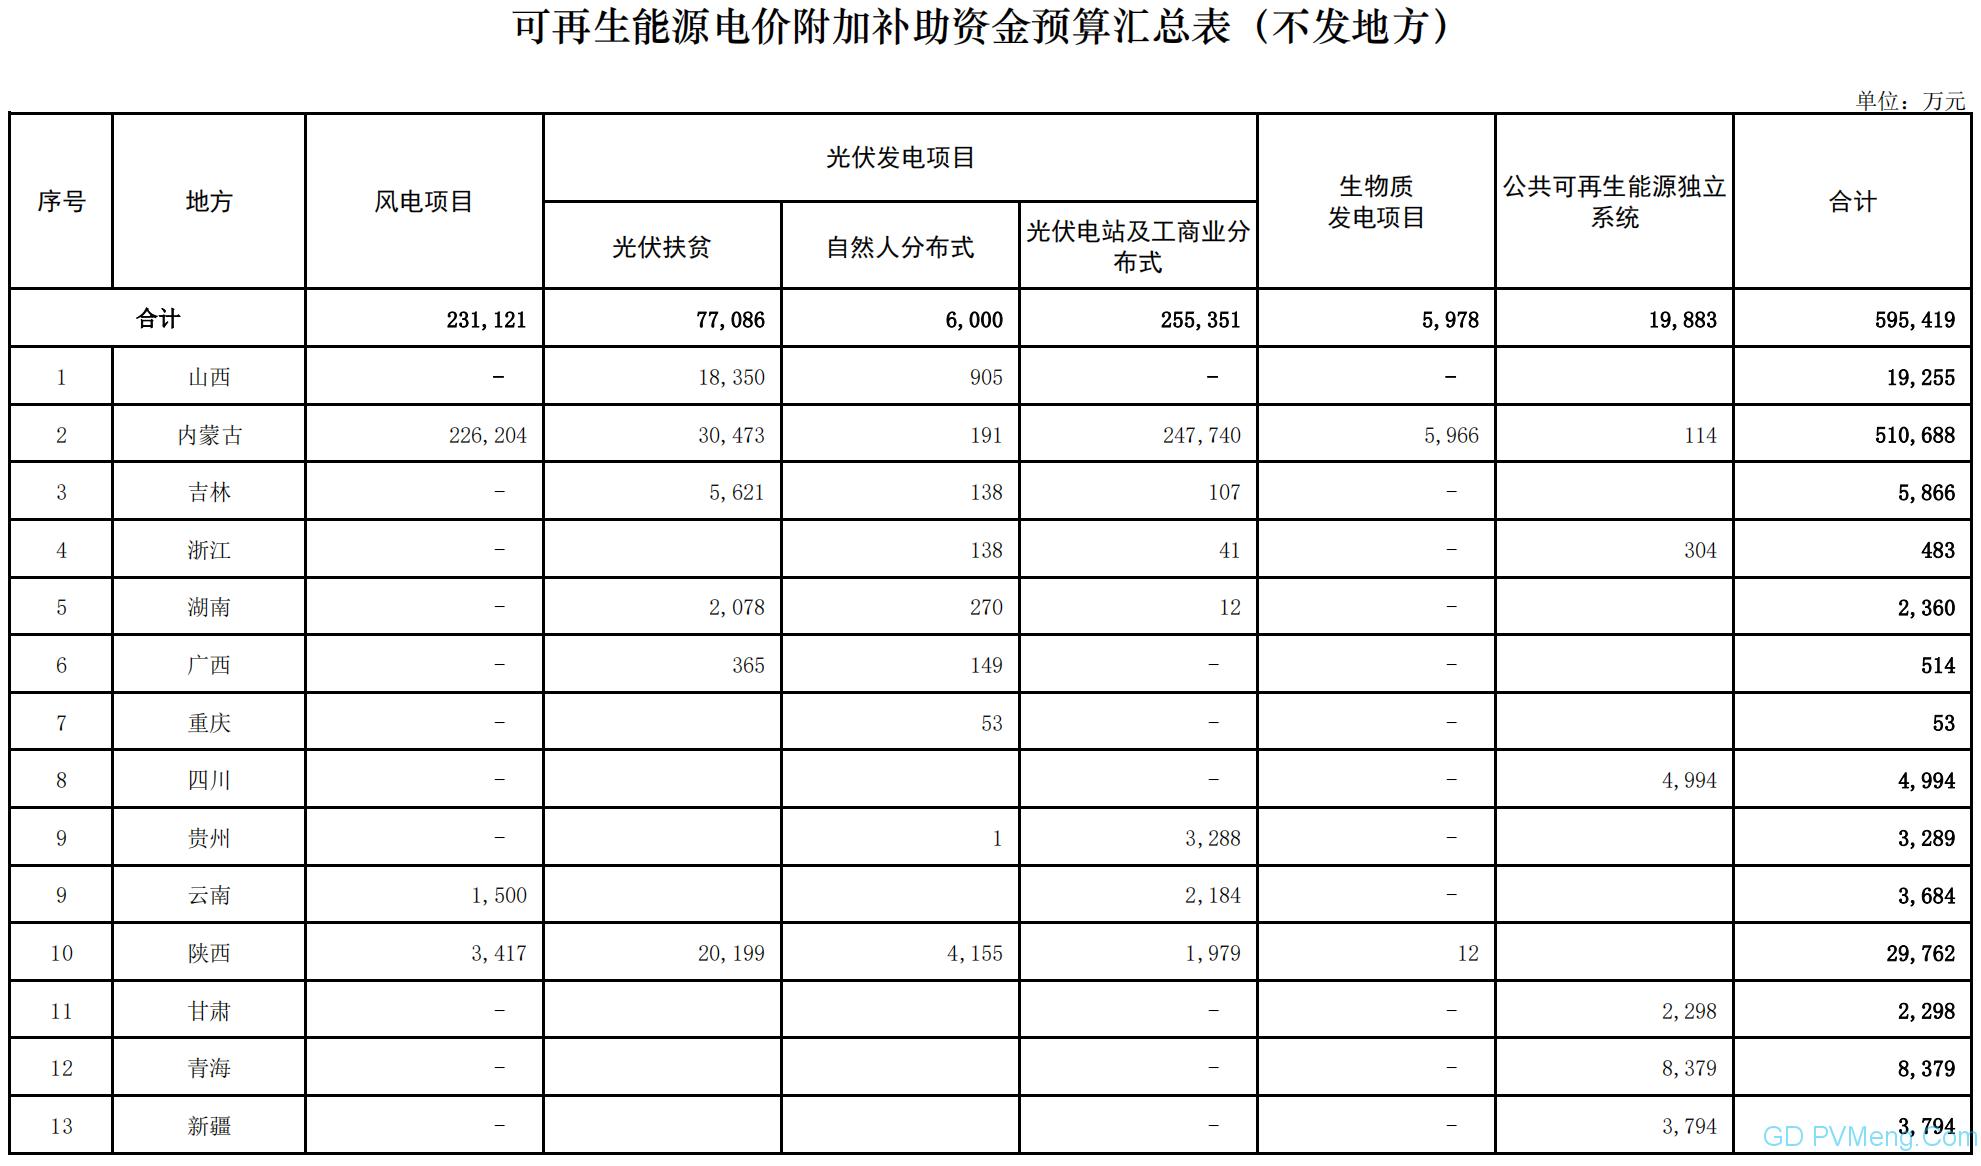 财政部关于提前下达2021年可再生能源电价附加补助资金预算的通知( 财建〔2020〕479号 )20201029